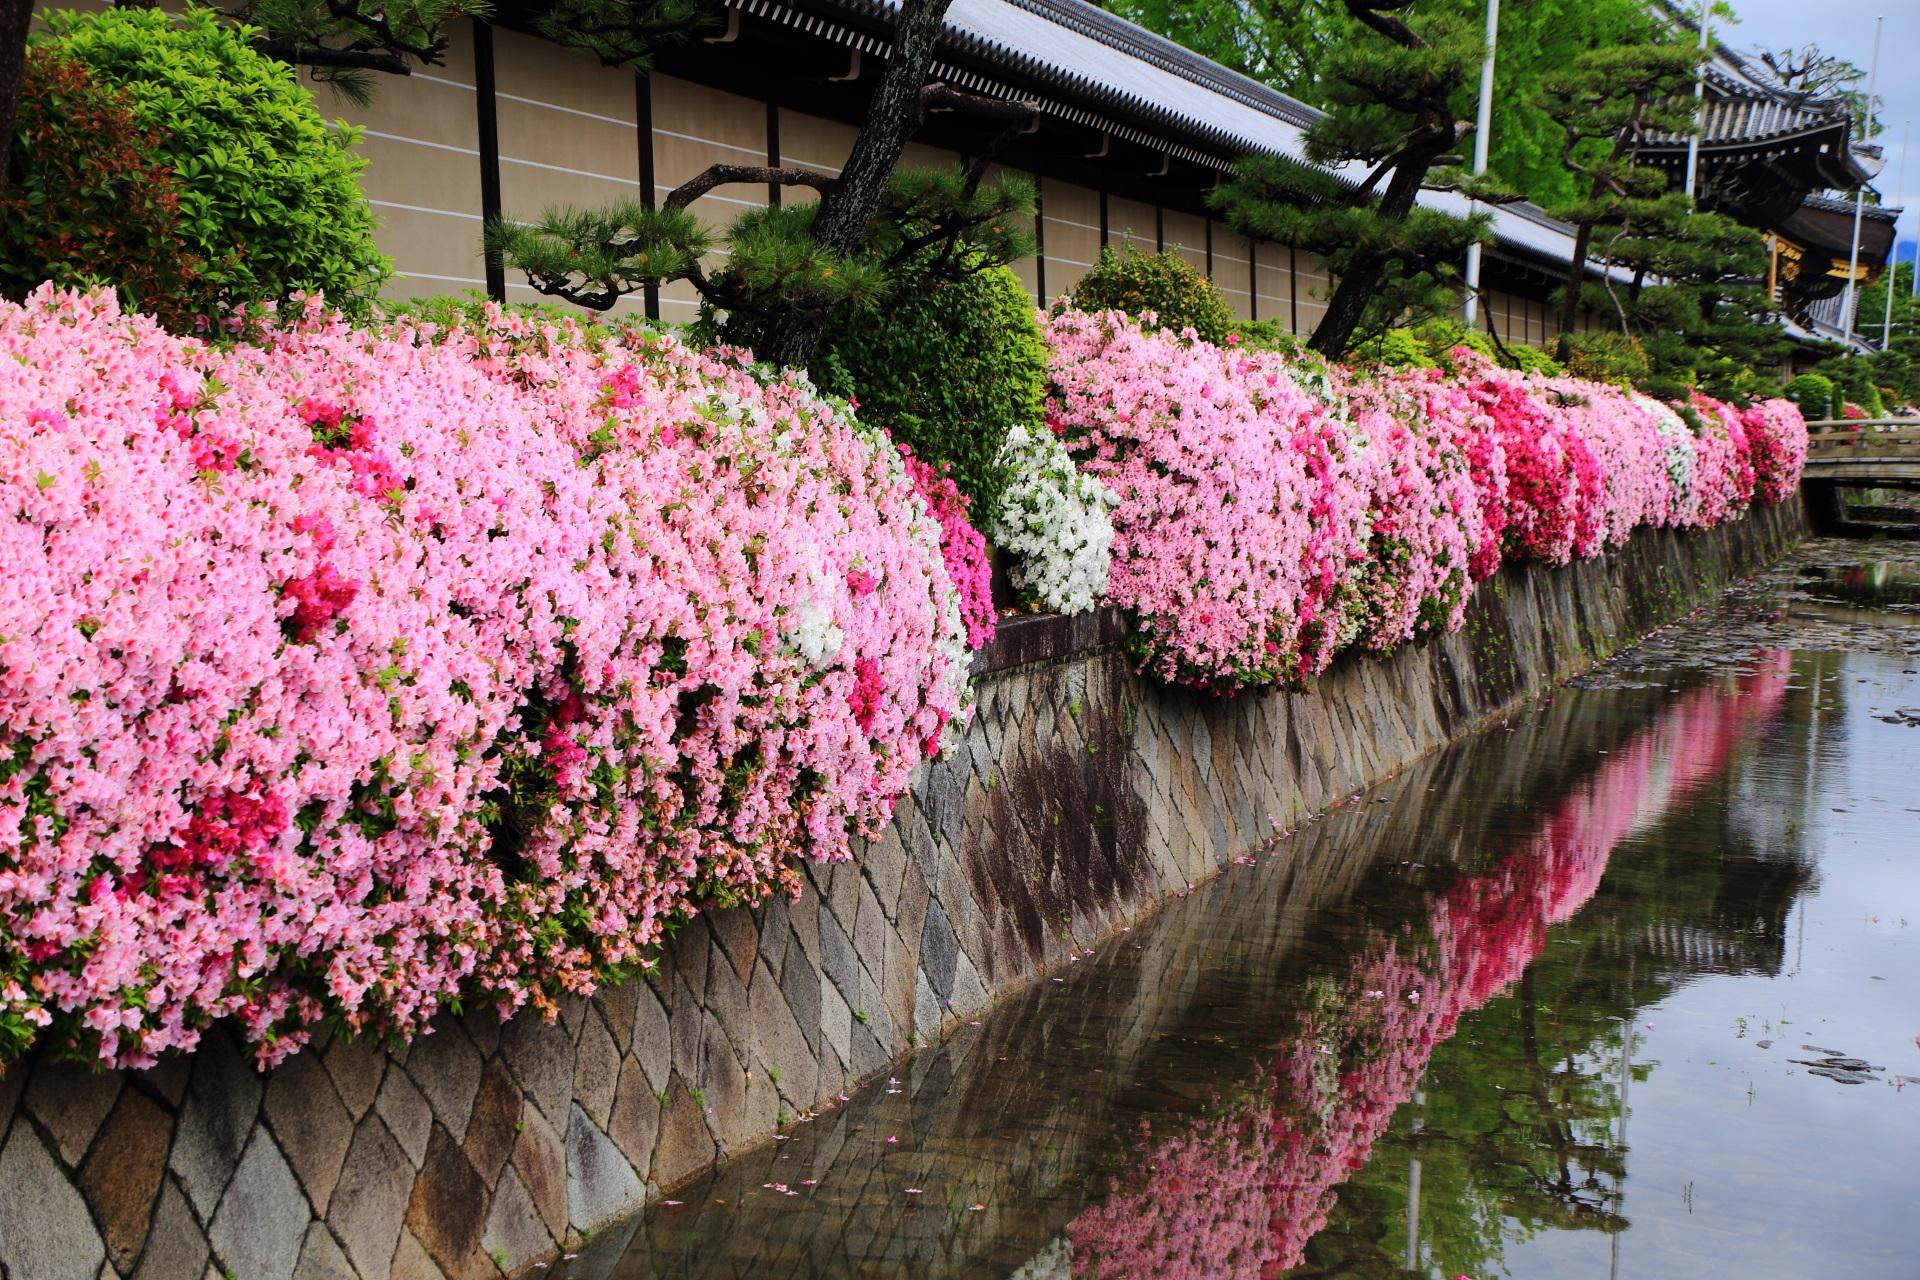 西本願寺 つつじ 色とりどりの春の彩りと水鏡